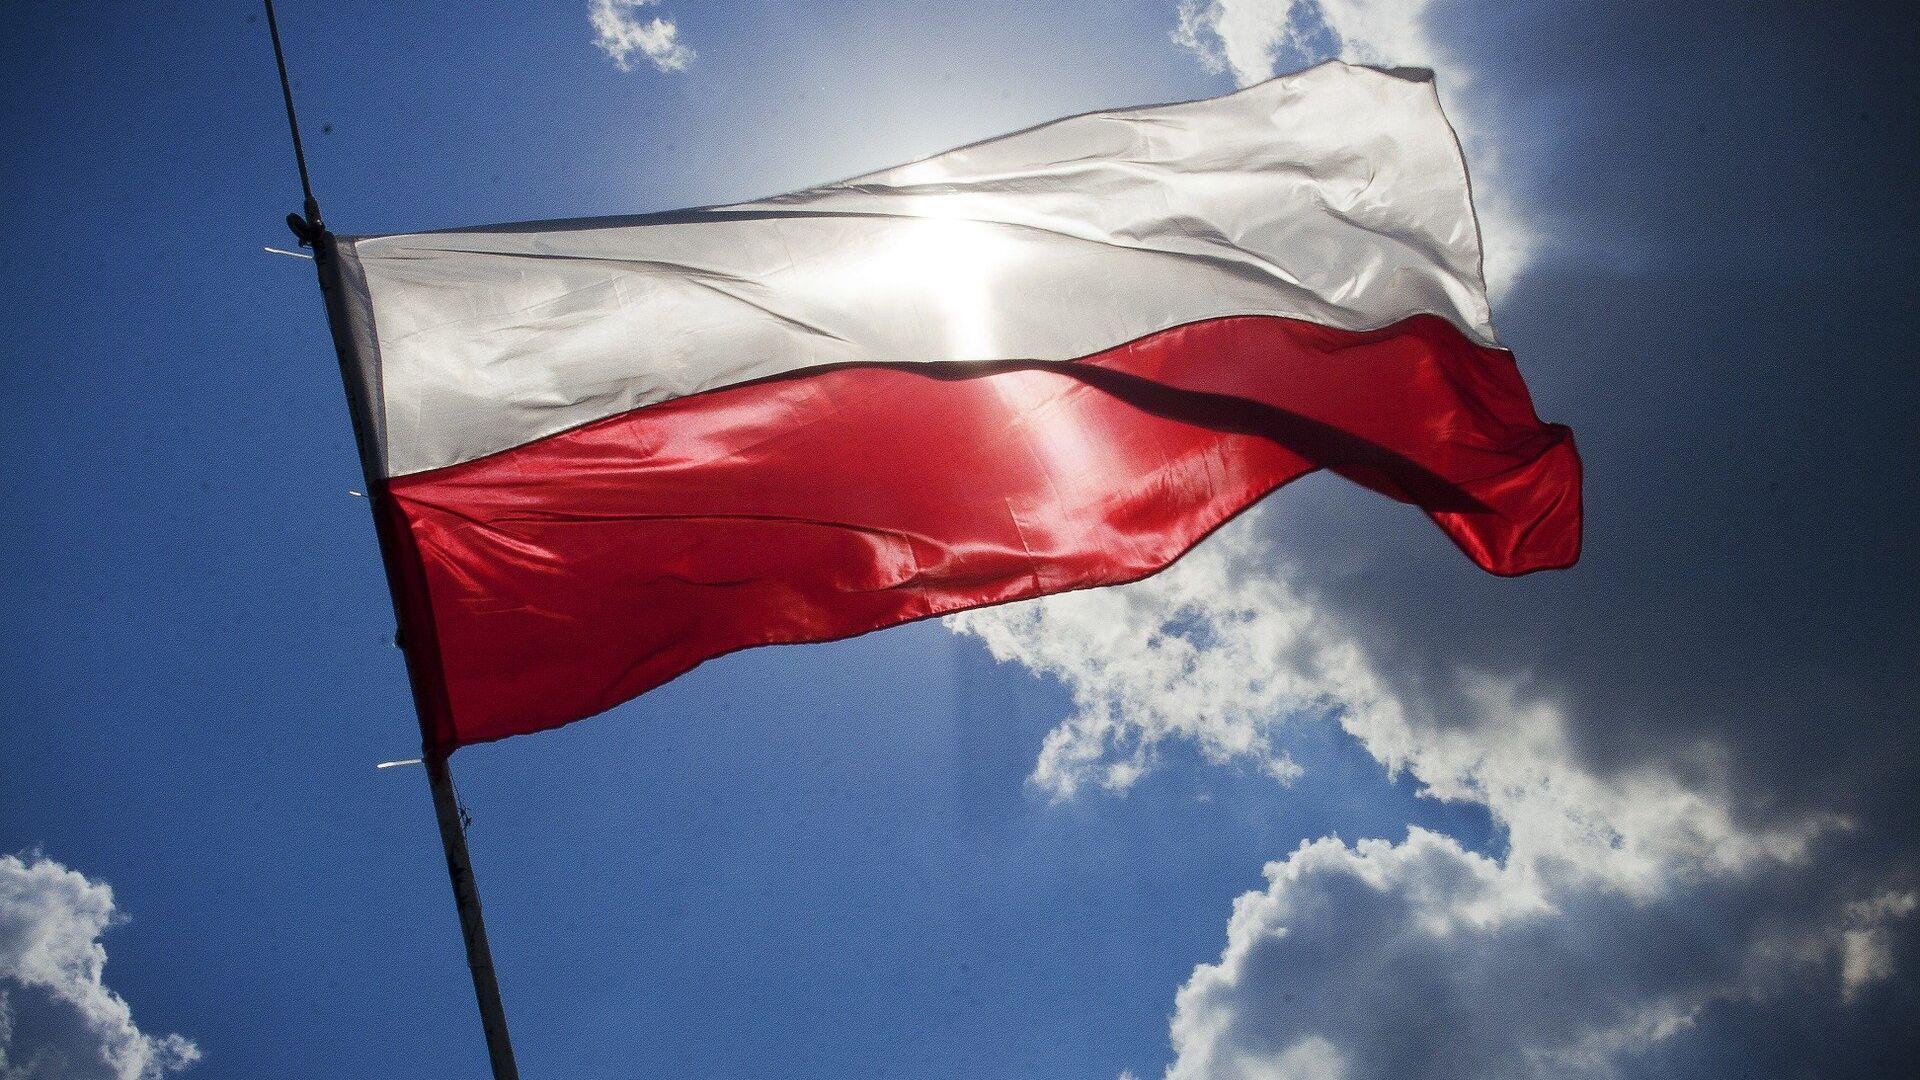 La bandera de Polonia - Sputnik Mundo, 1920, 10.03.2021